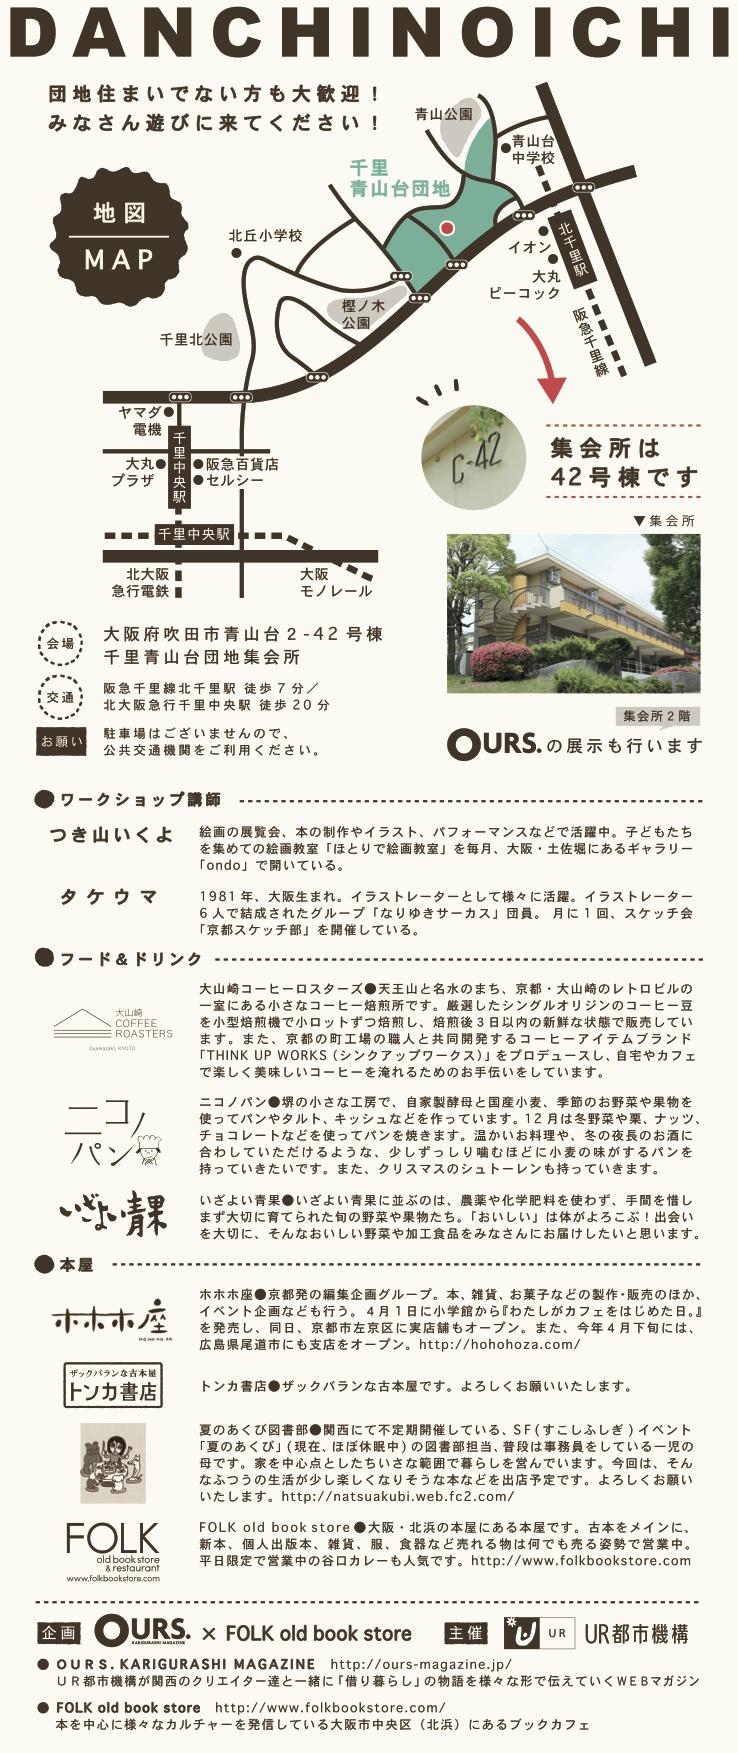 danchinoichi_ura